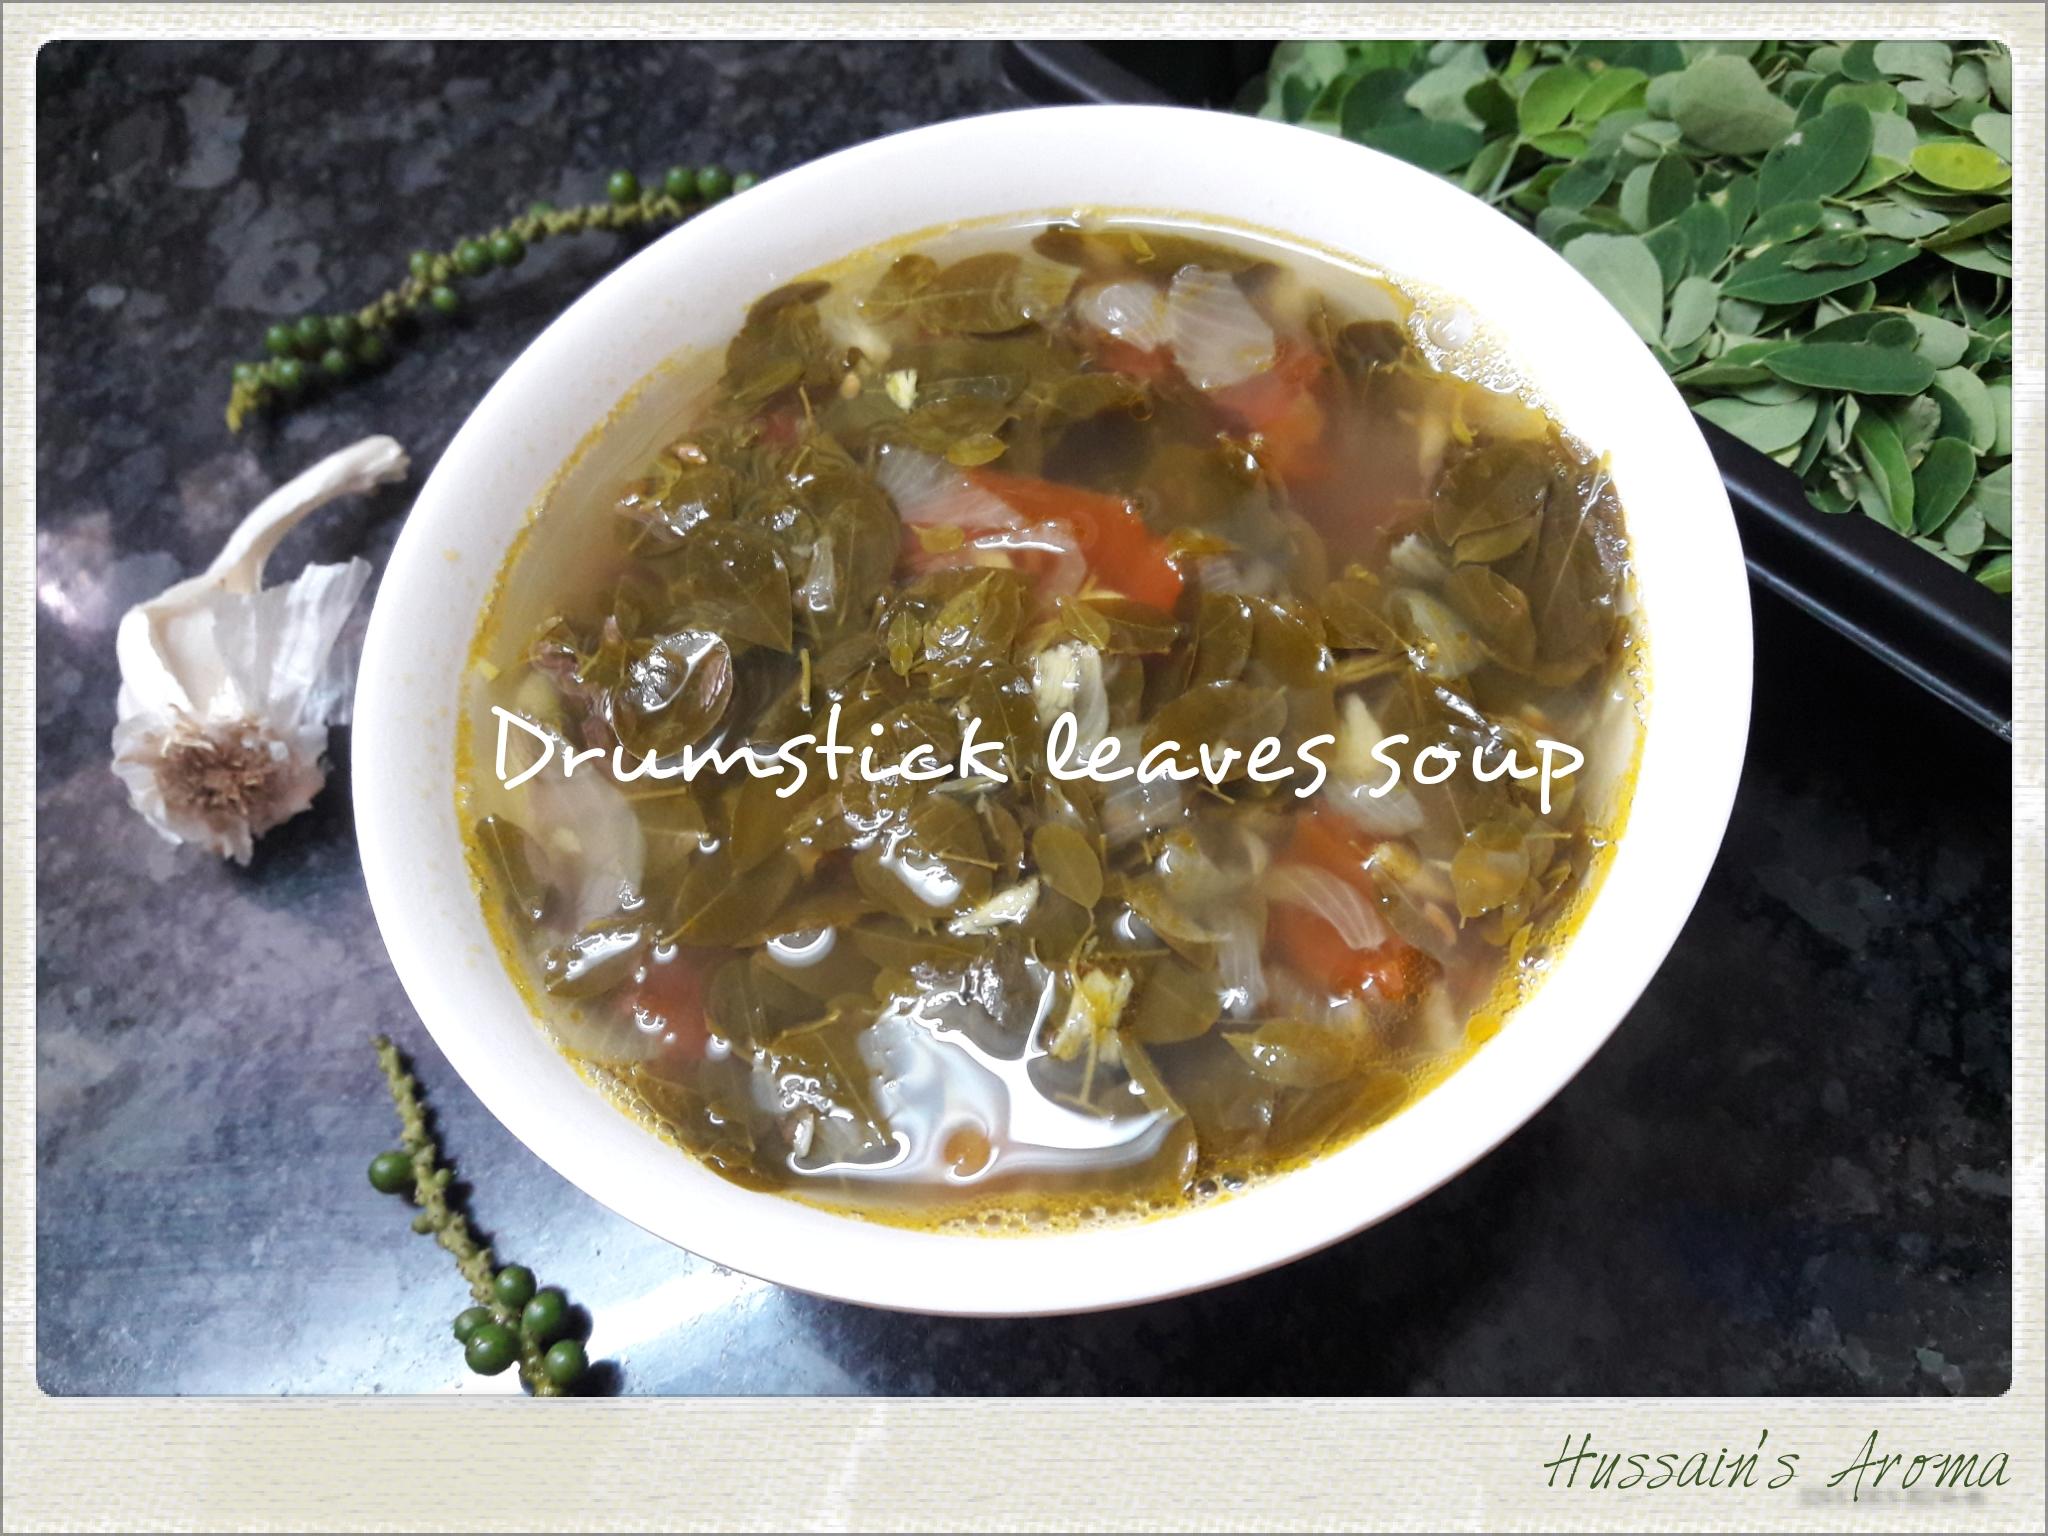 முருங்கை இலை சூப் / Drumstick leaves soup